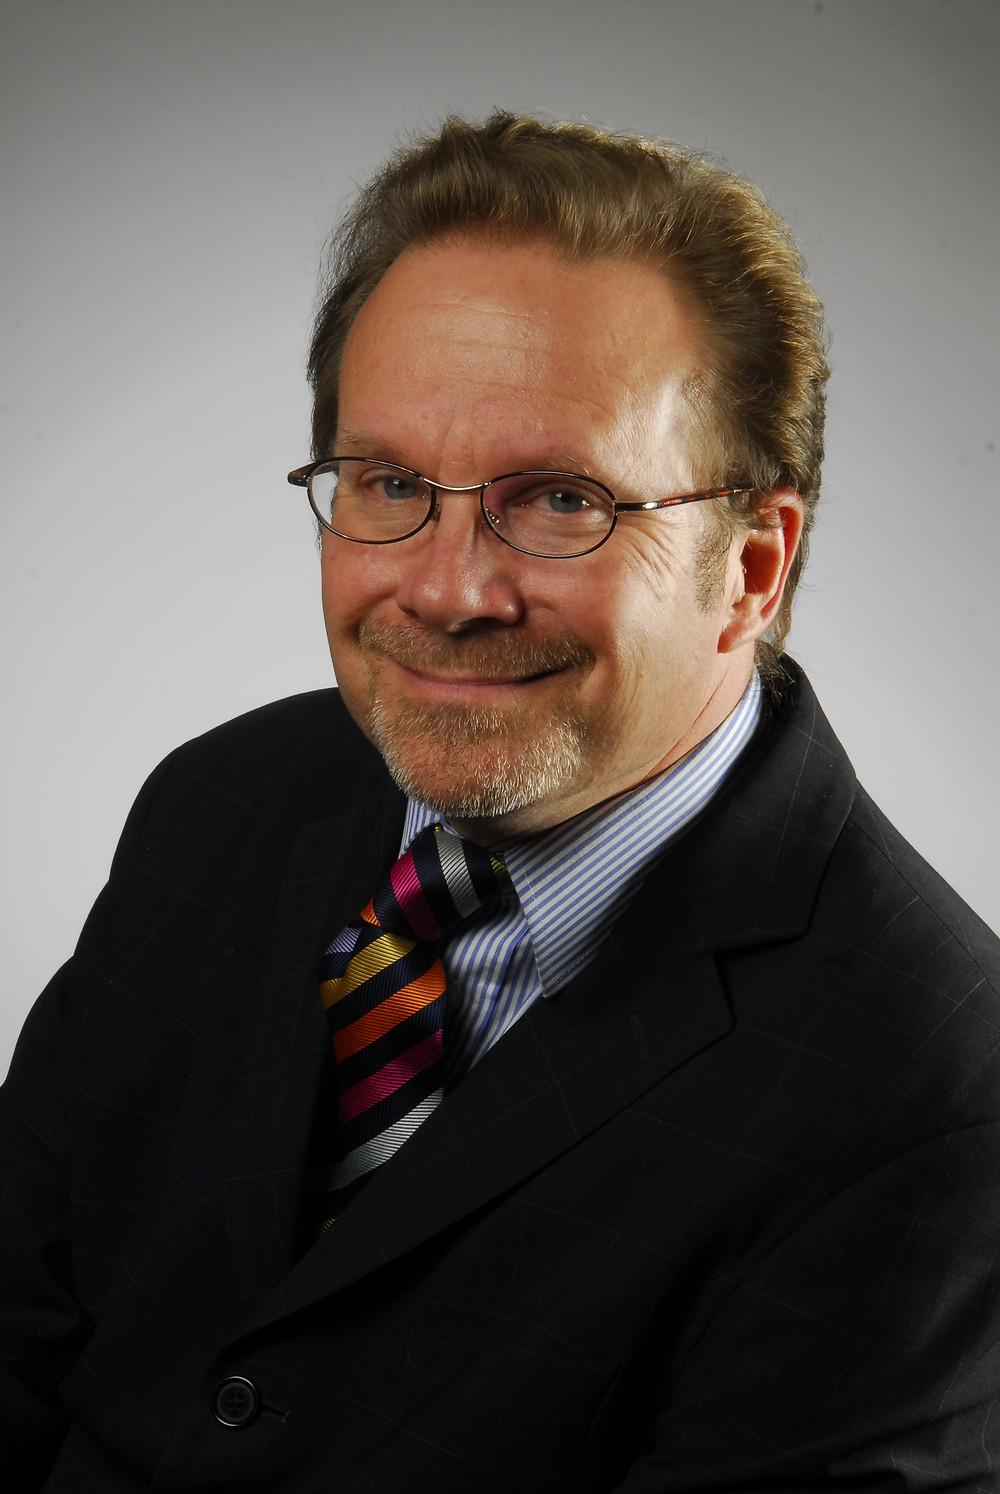 Prof Joe Goldblatt